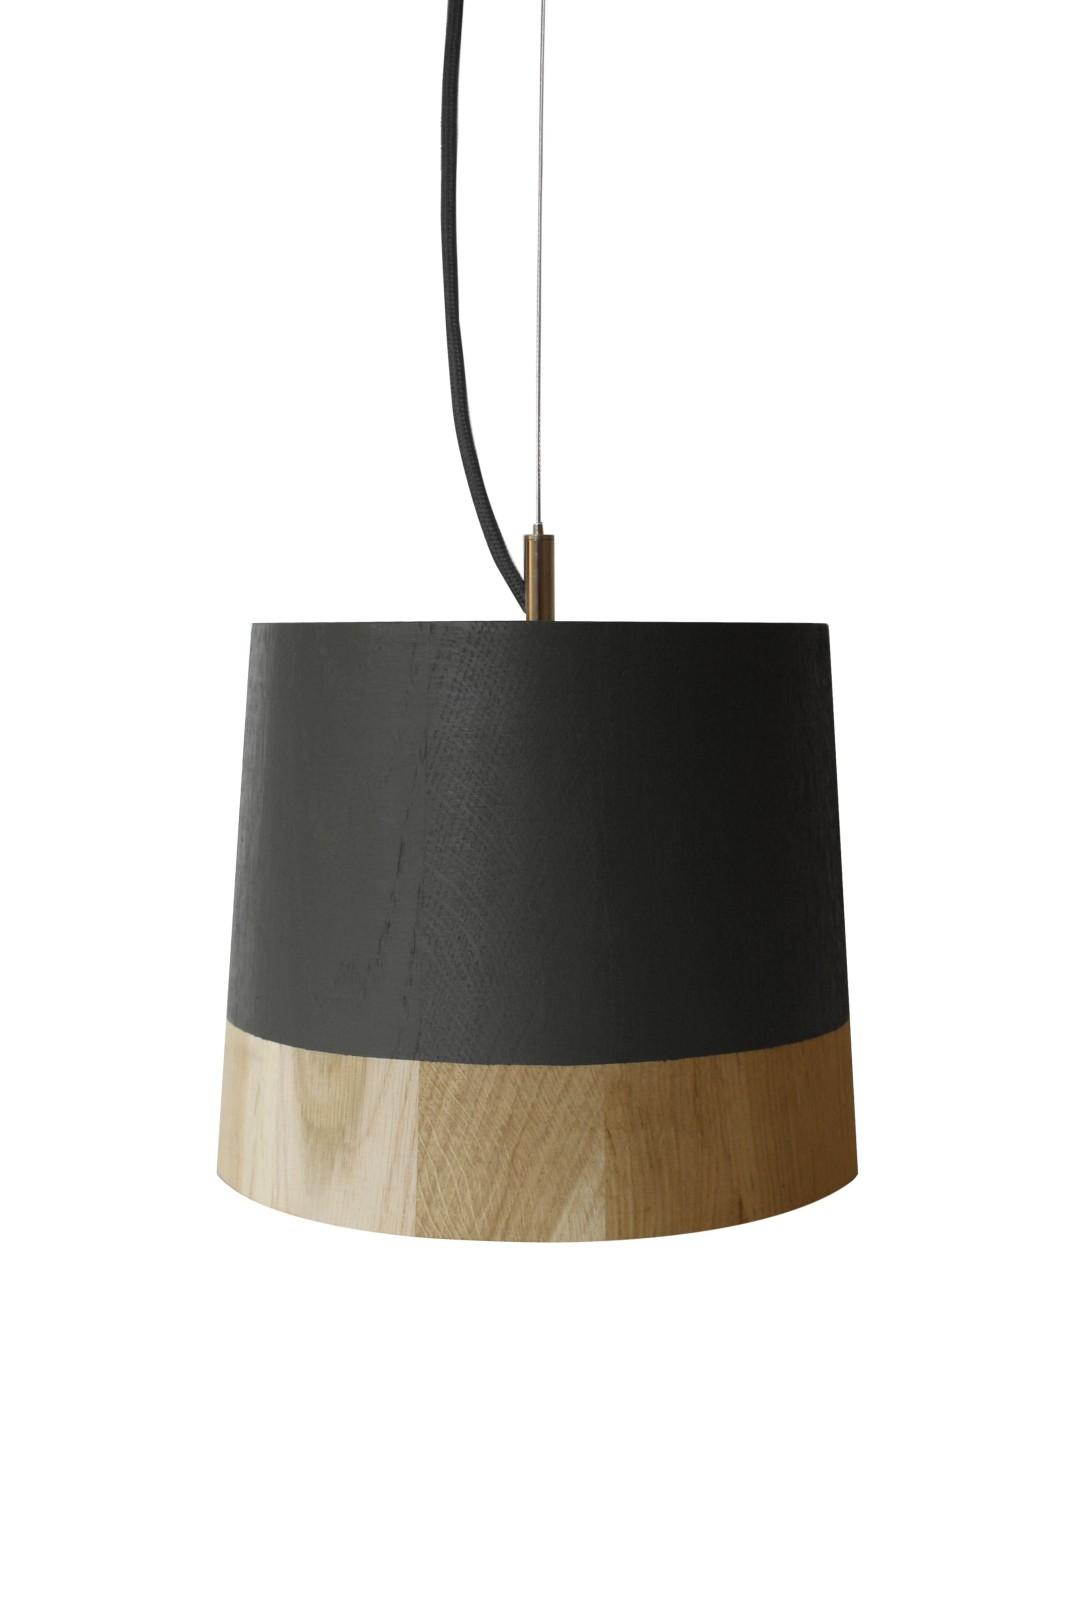 KIKKE & HEBBE Boost Pendant Lamp Wood Mist Grey